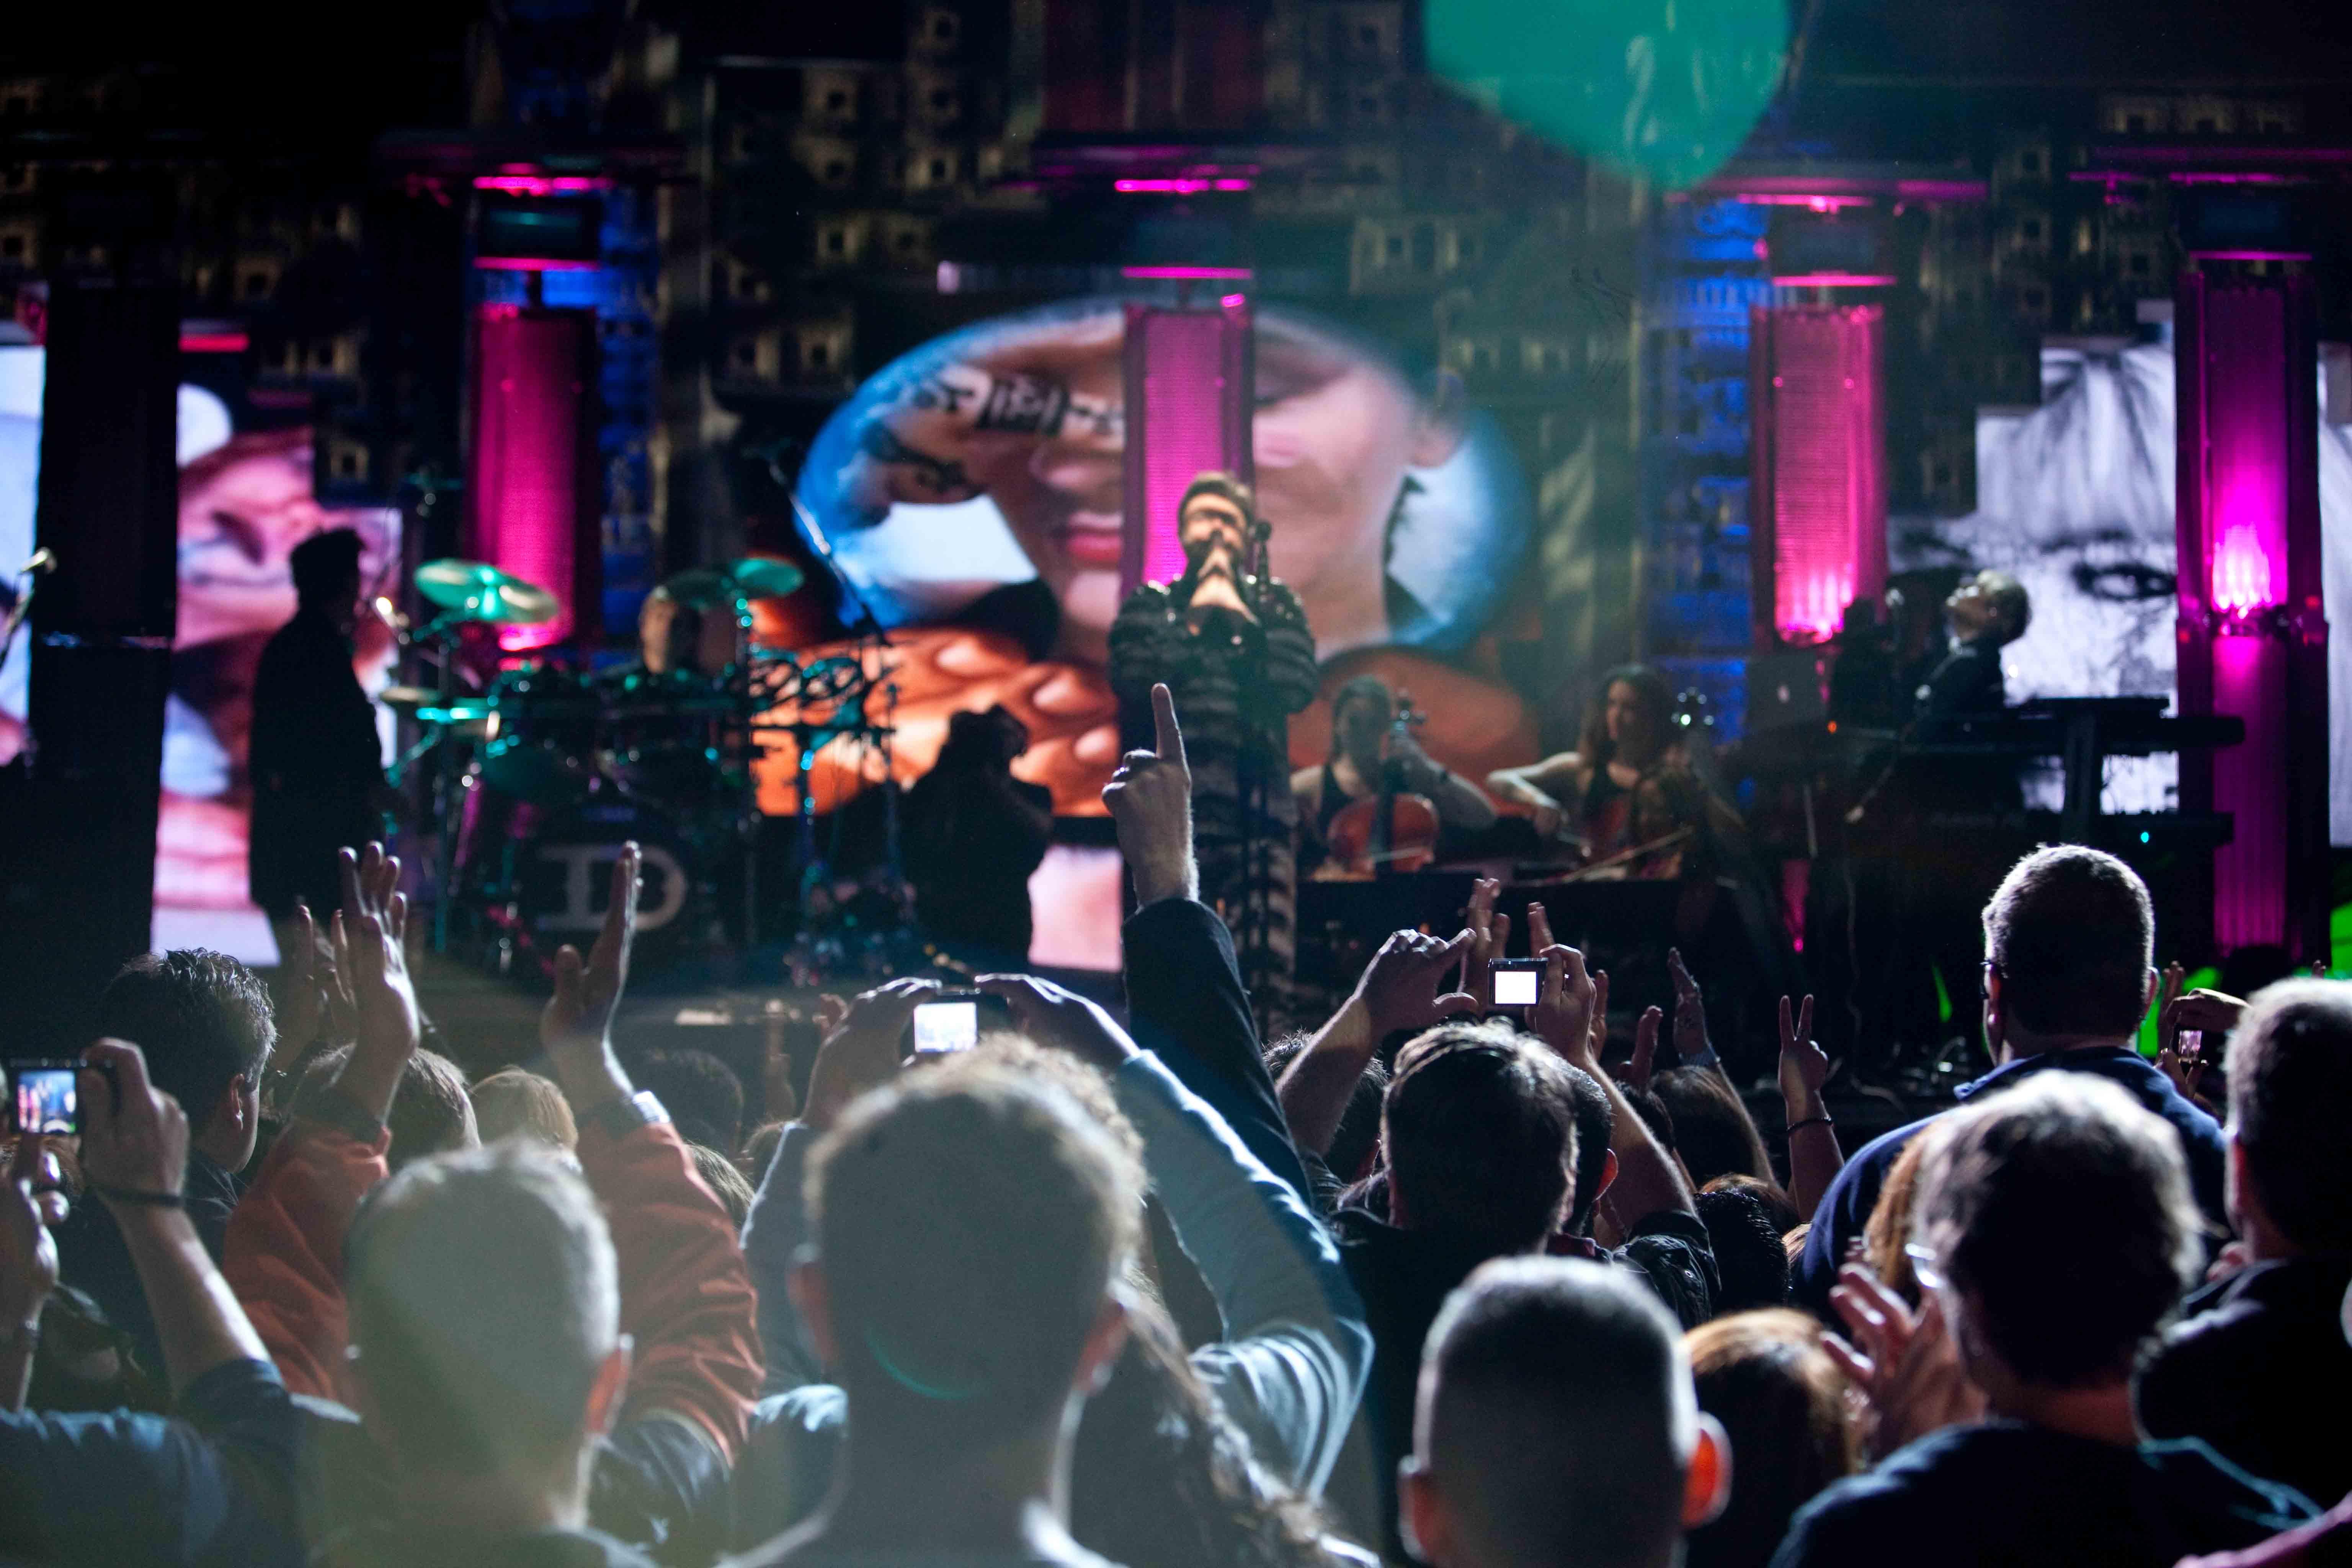 Duran Duran: Unstaged, un'immagine del documentario musicale diretto da David Lynch